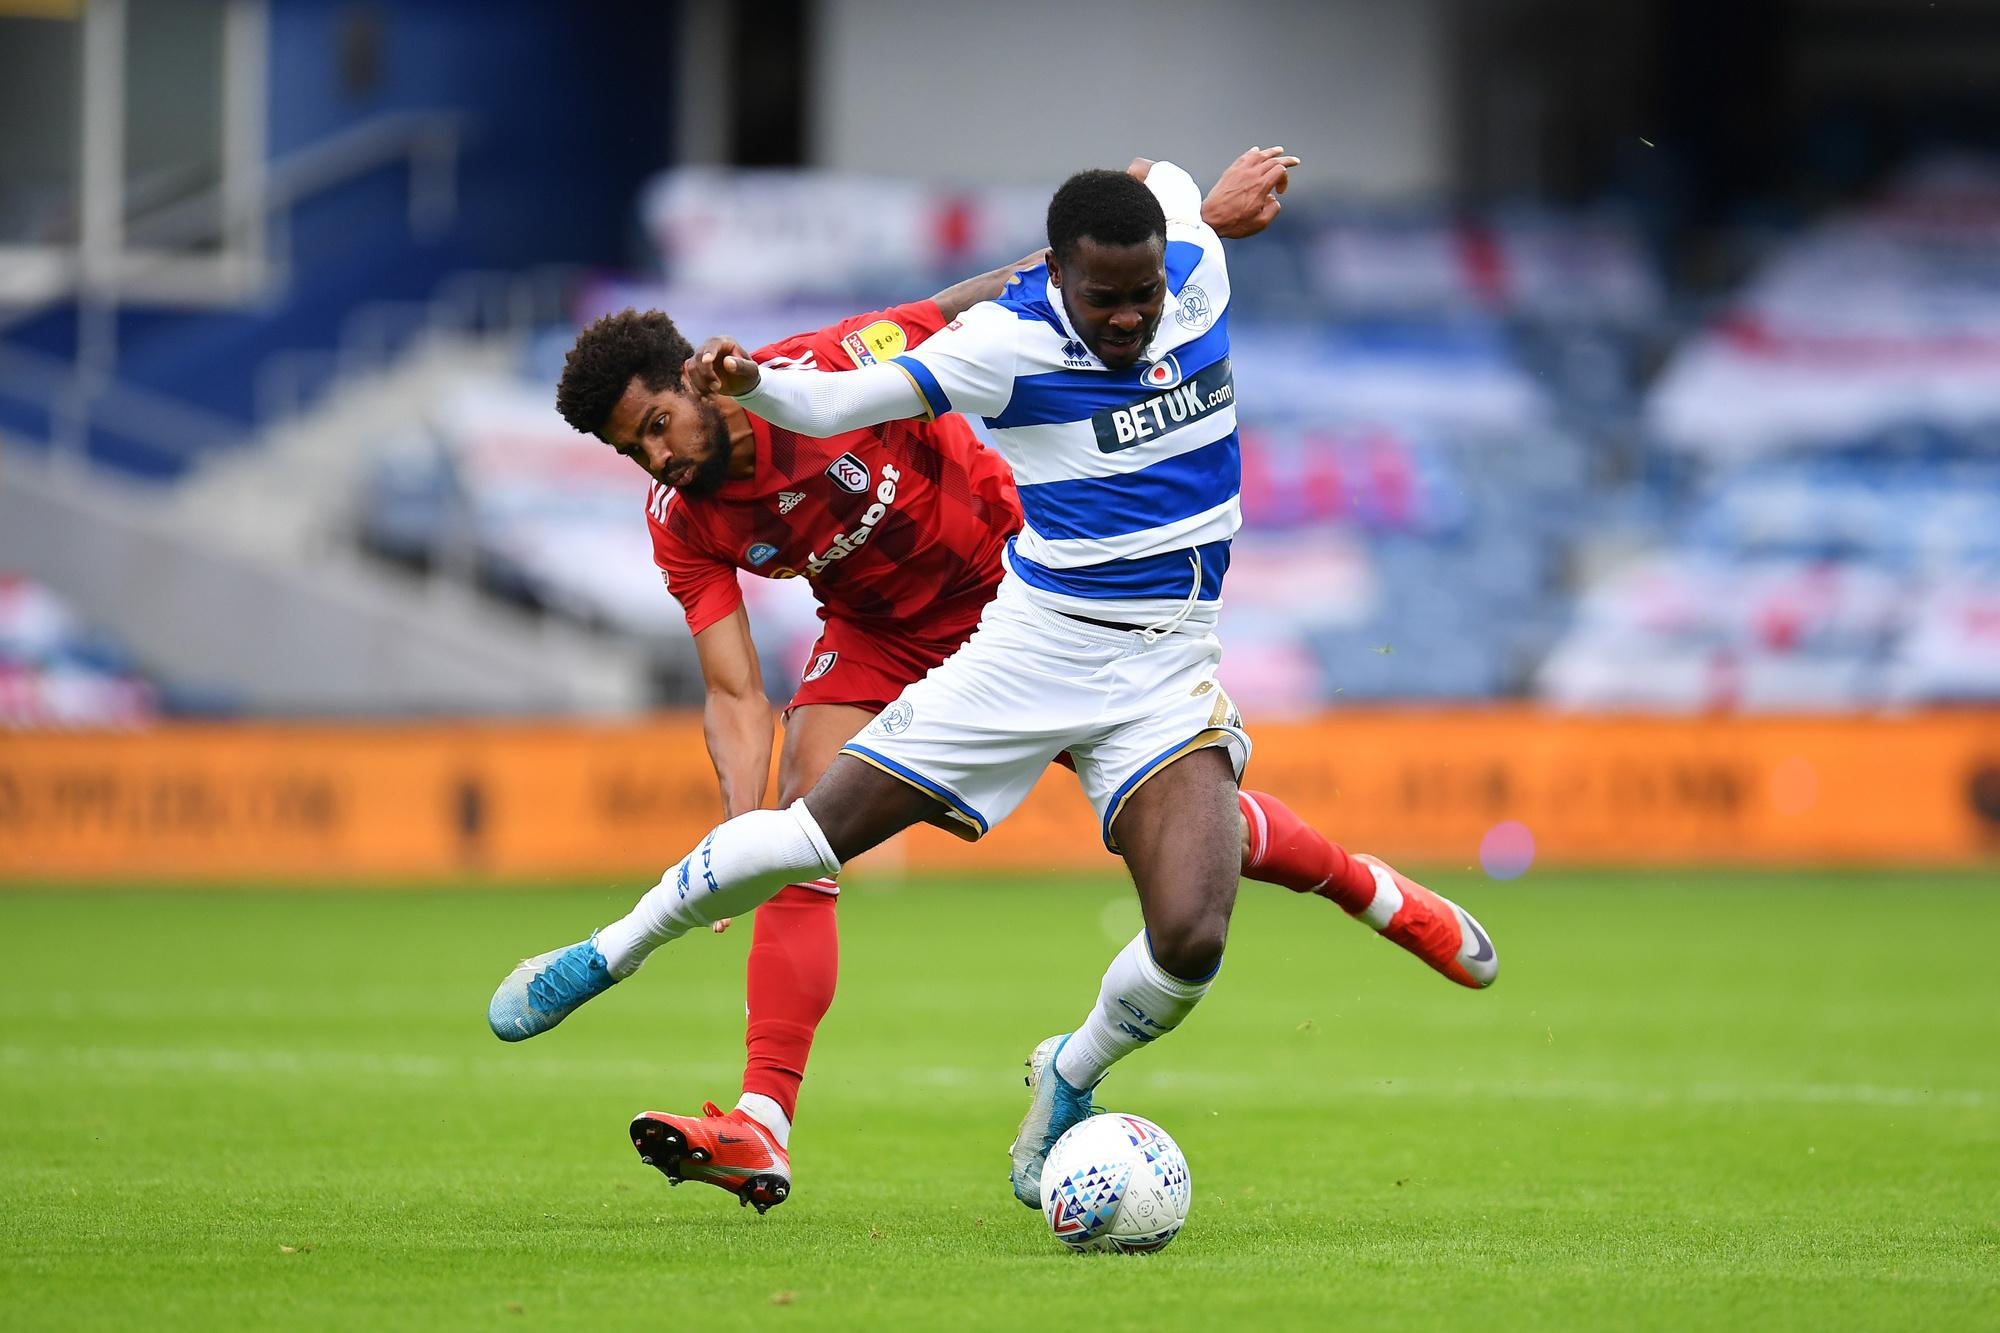 Bright Osayi-Samuel kwam vorige zomer voor 1 miljoen pond naar QPR. Club wil hem al na 1 seizoen voor een vijfvoud van dat bedrag., GETTY